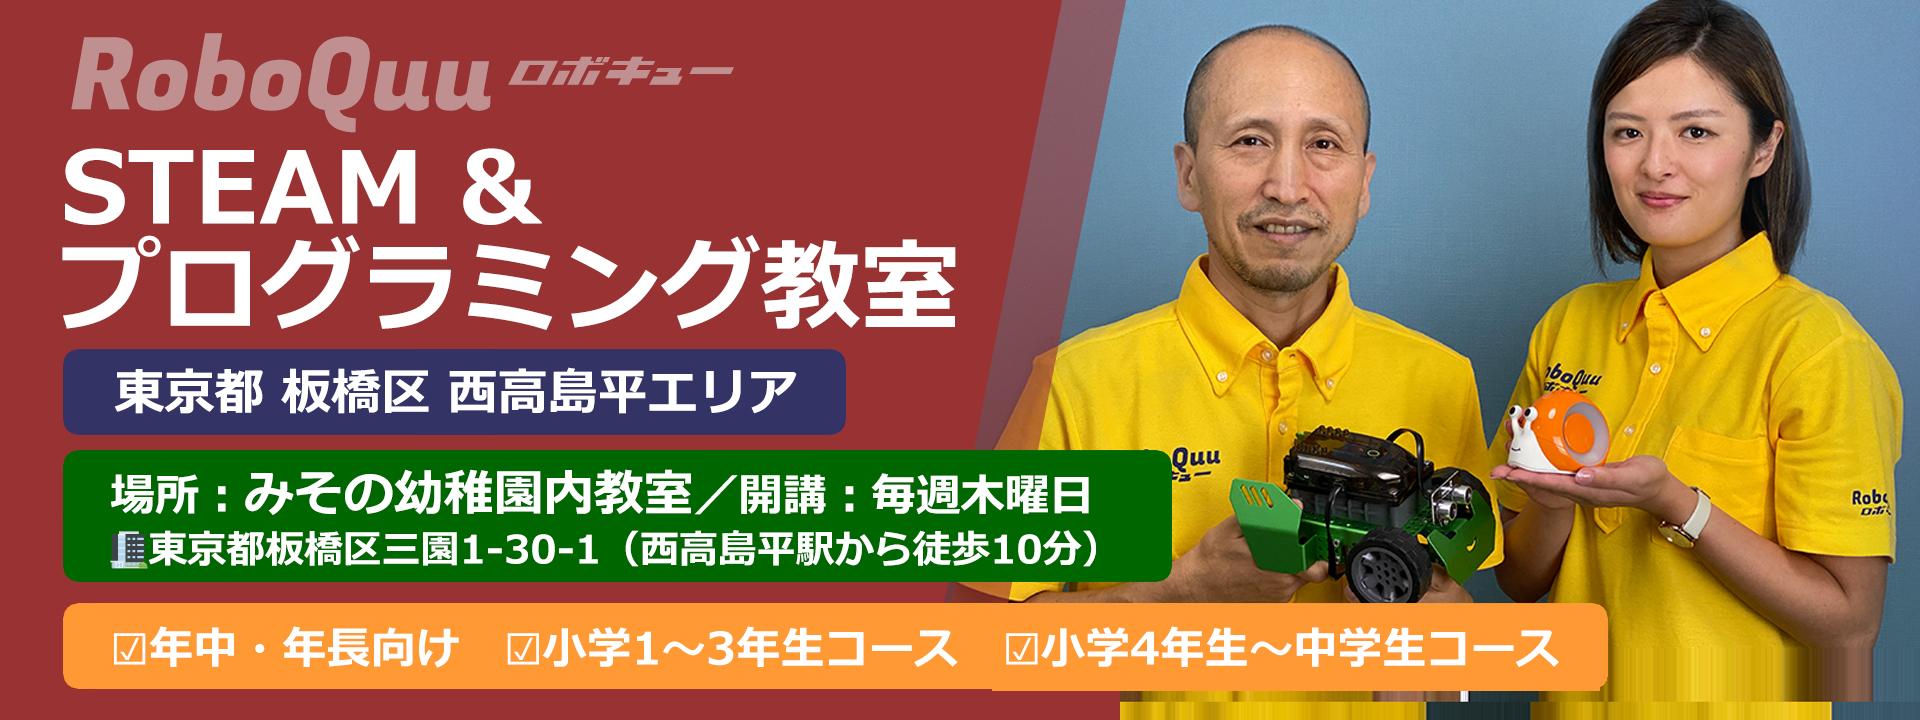 RoboQuu STEAM& プログラミング教室 東京都 西高島平 みその校